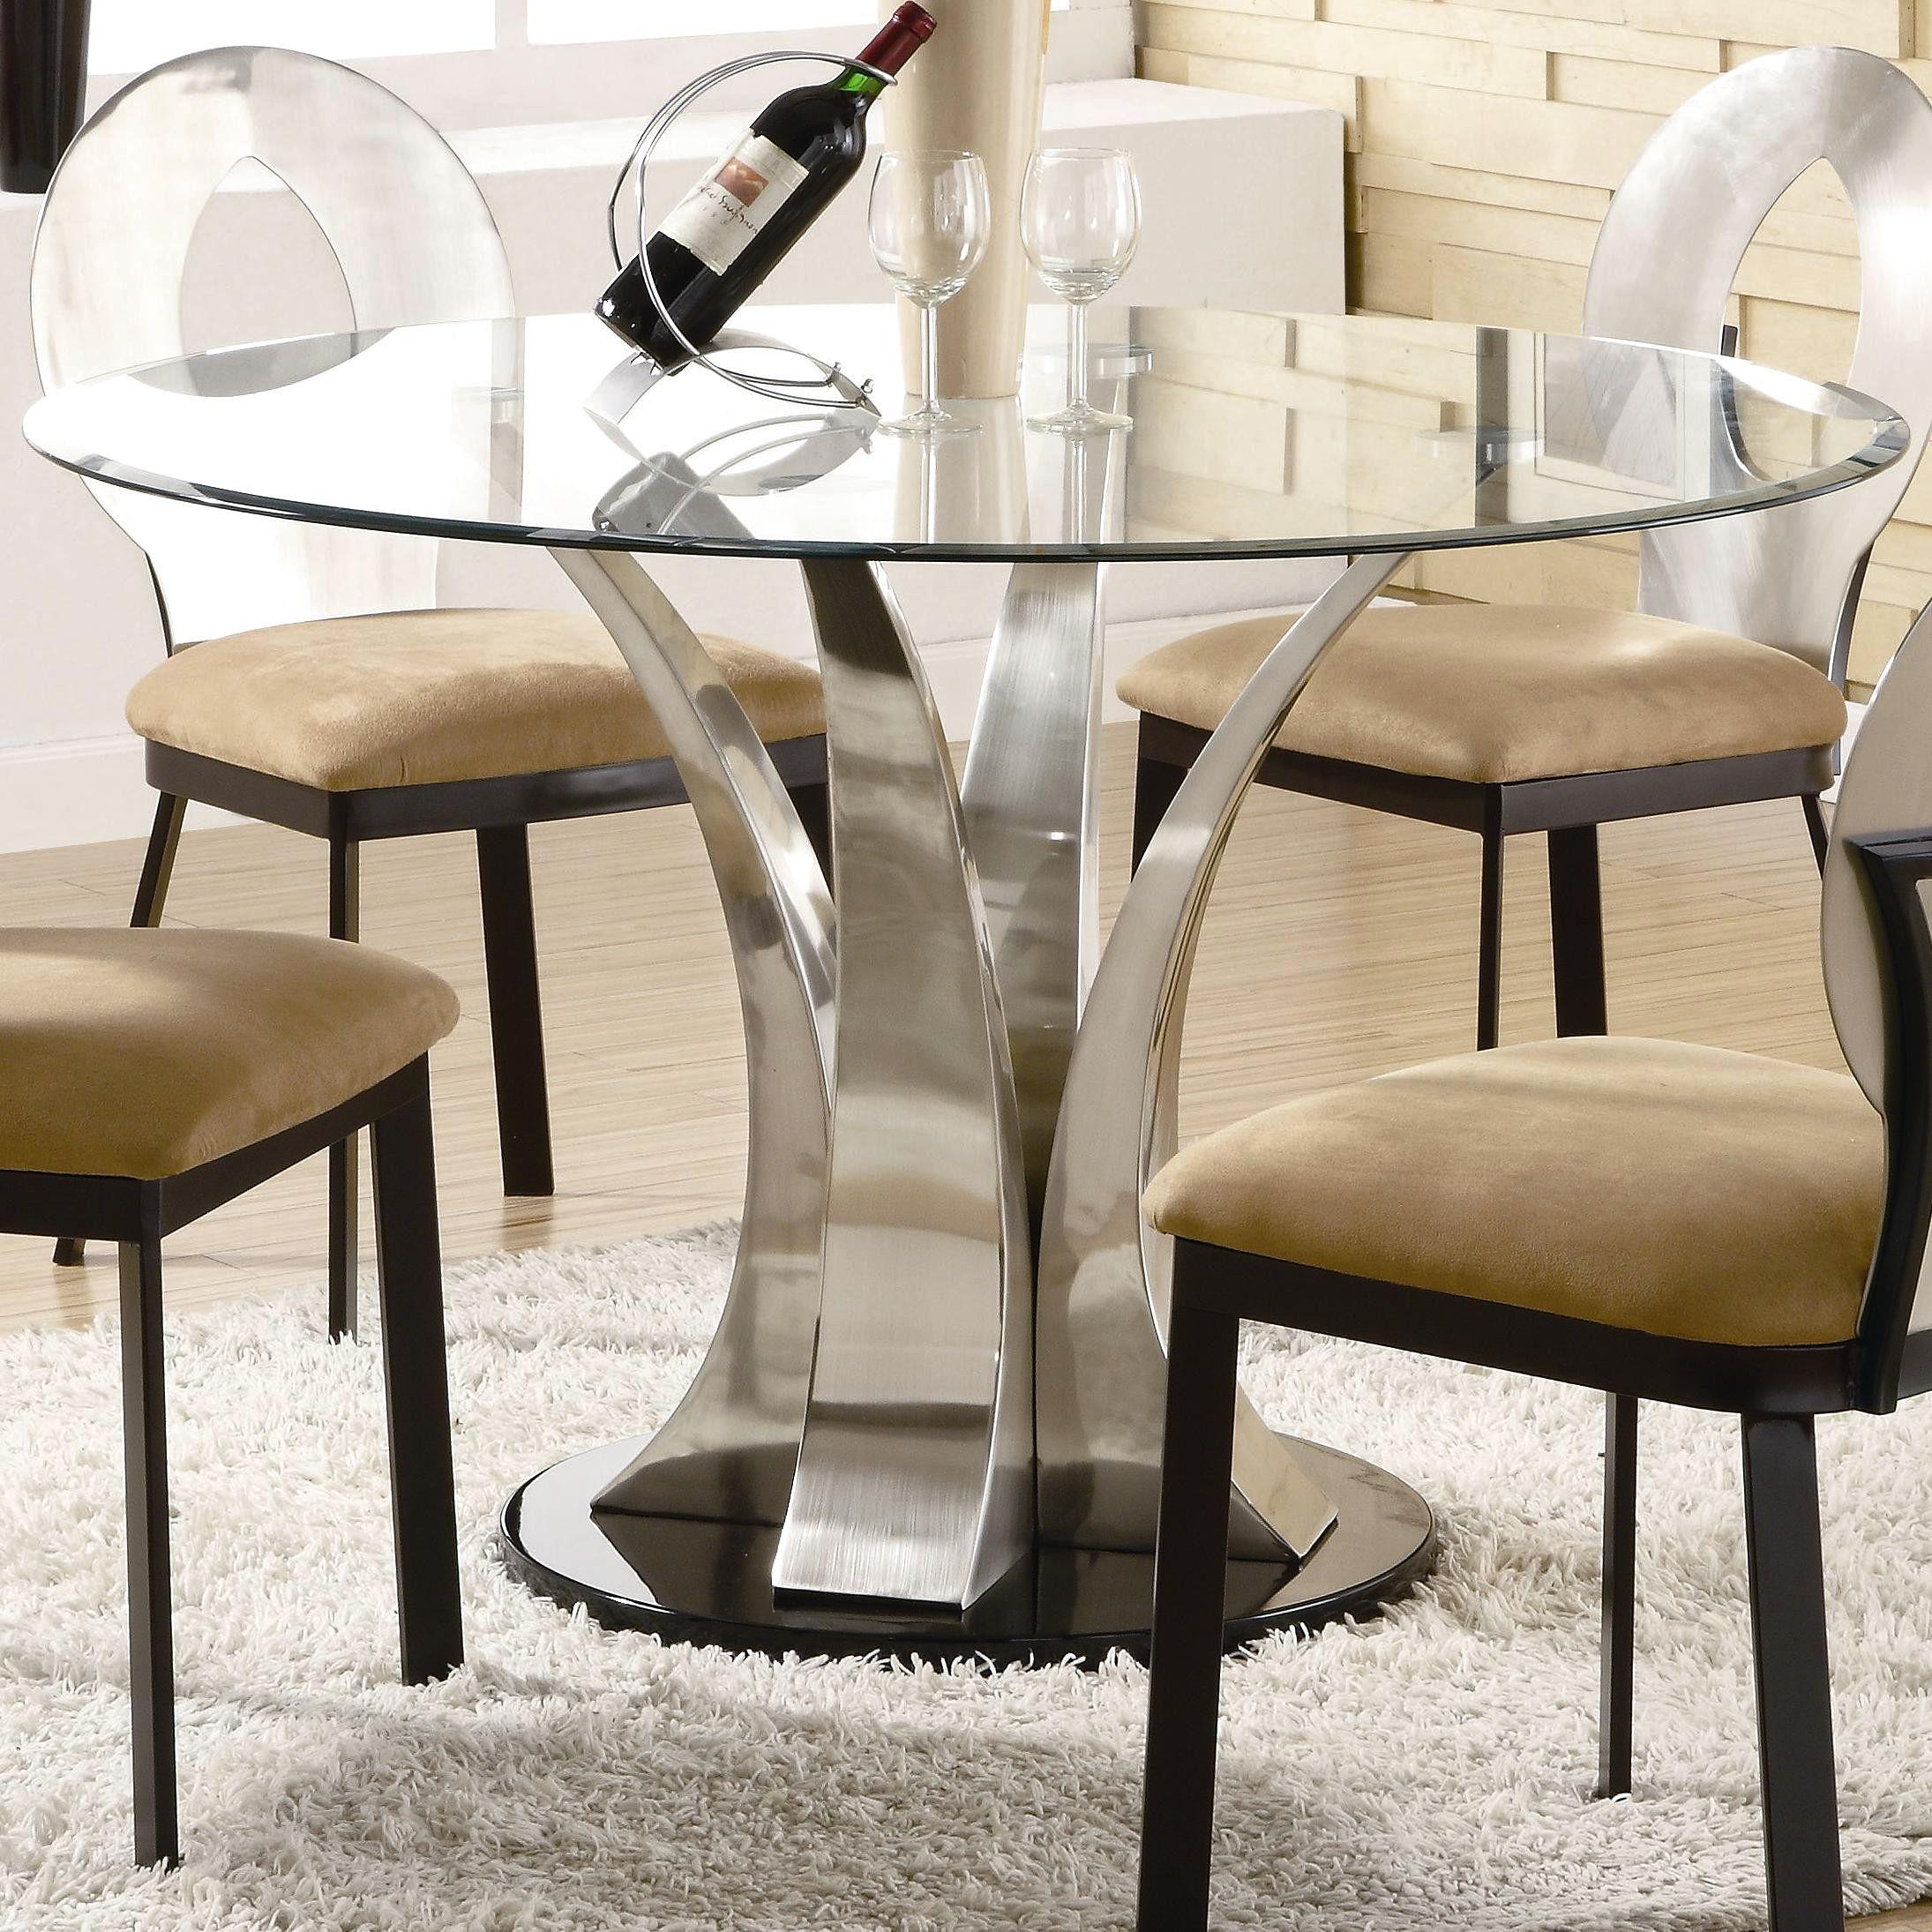 Moderner Glas Esstisch Und Stuhlen Neue Glas Ess Tisch Glas Esszimmer Tische Fur Den Verkauf Modern Esstisch Mit Glasplatte Esstisch Rund Holz Esstisch Podest